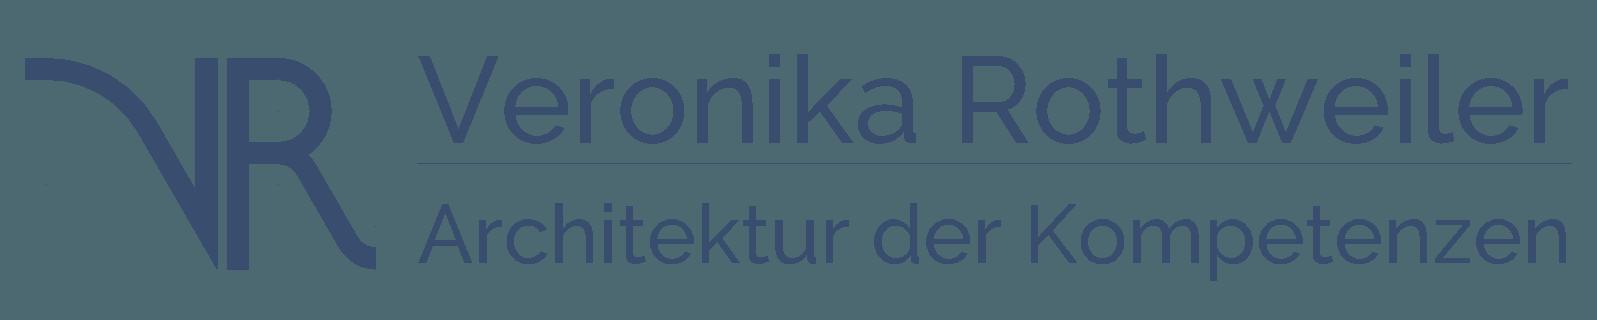 Veronika Rothweiler - Architektur der Kompetenzen